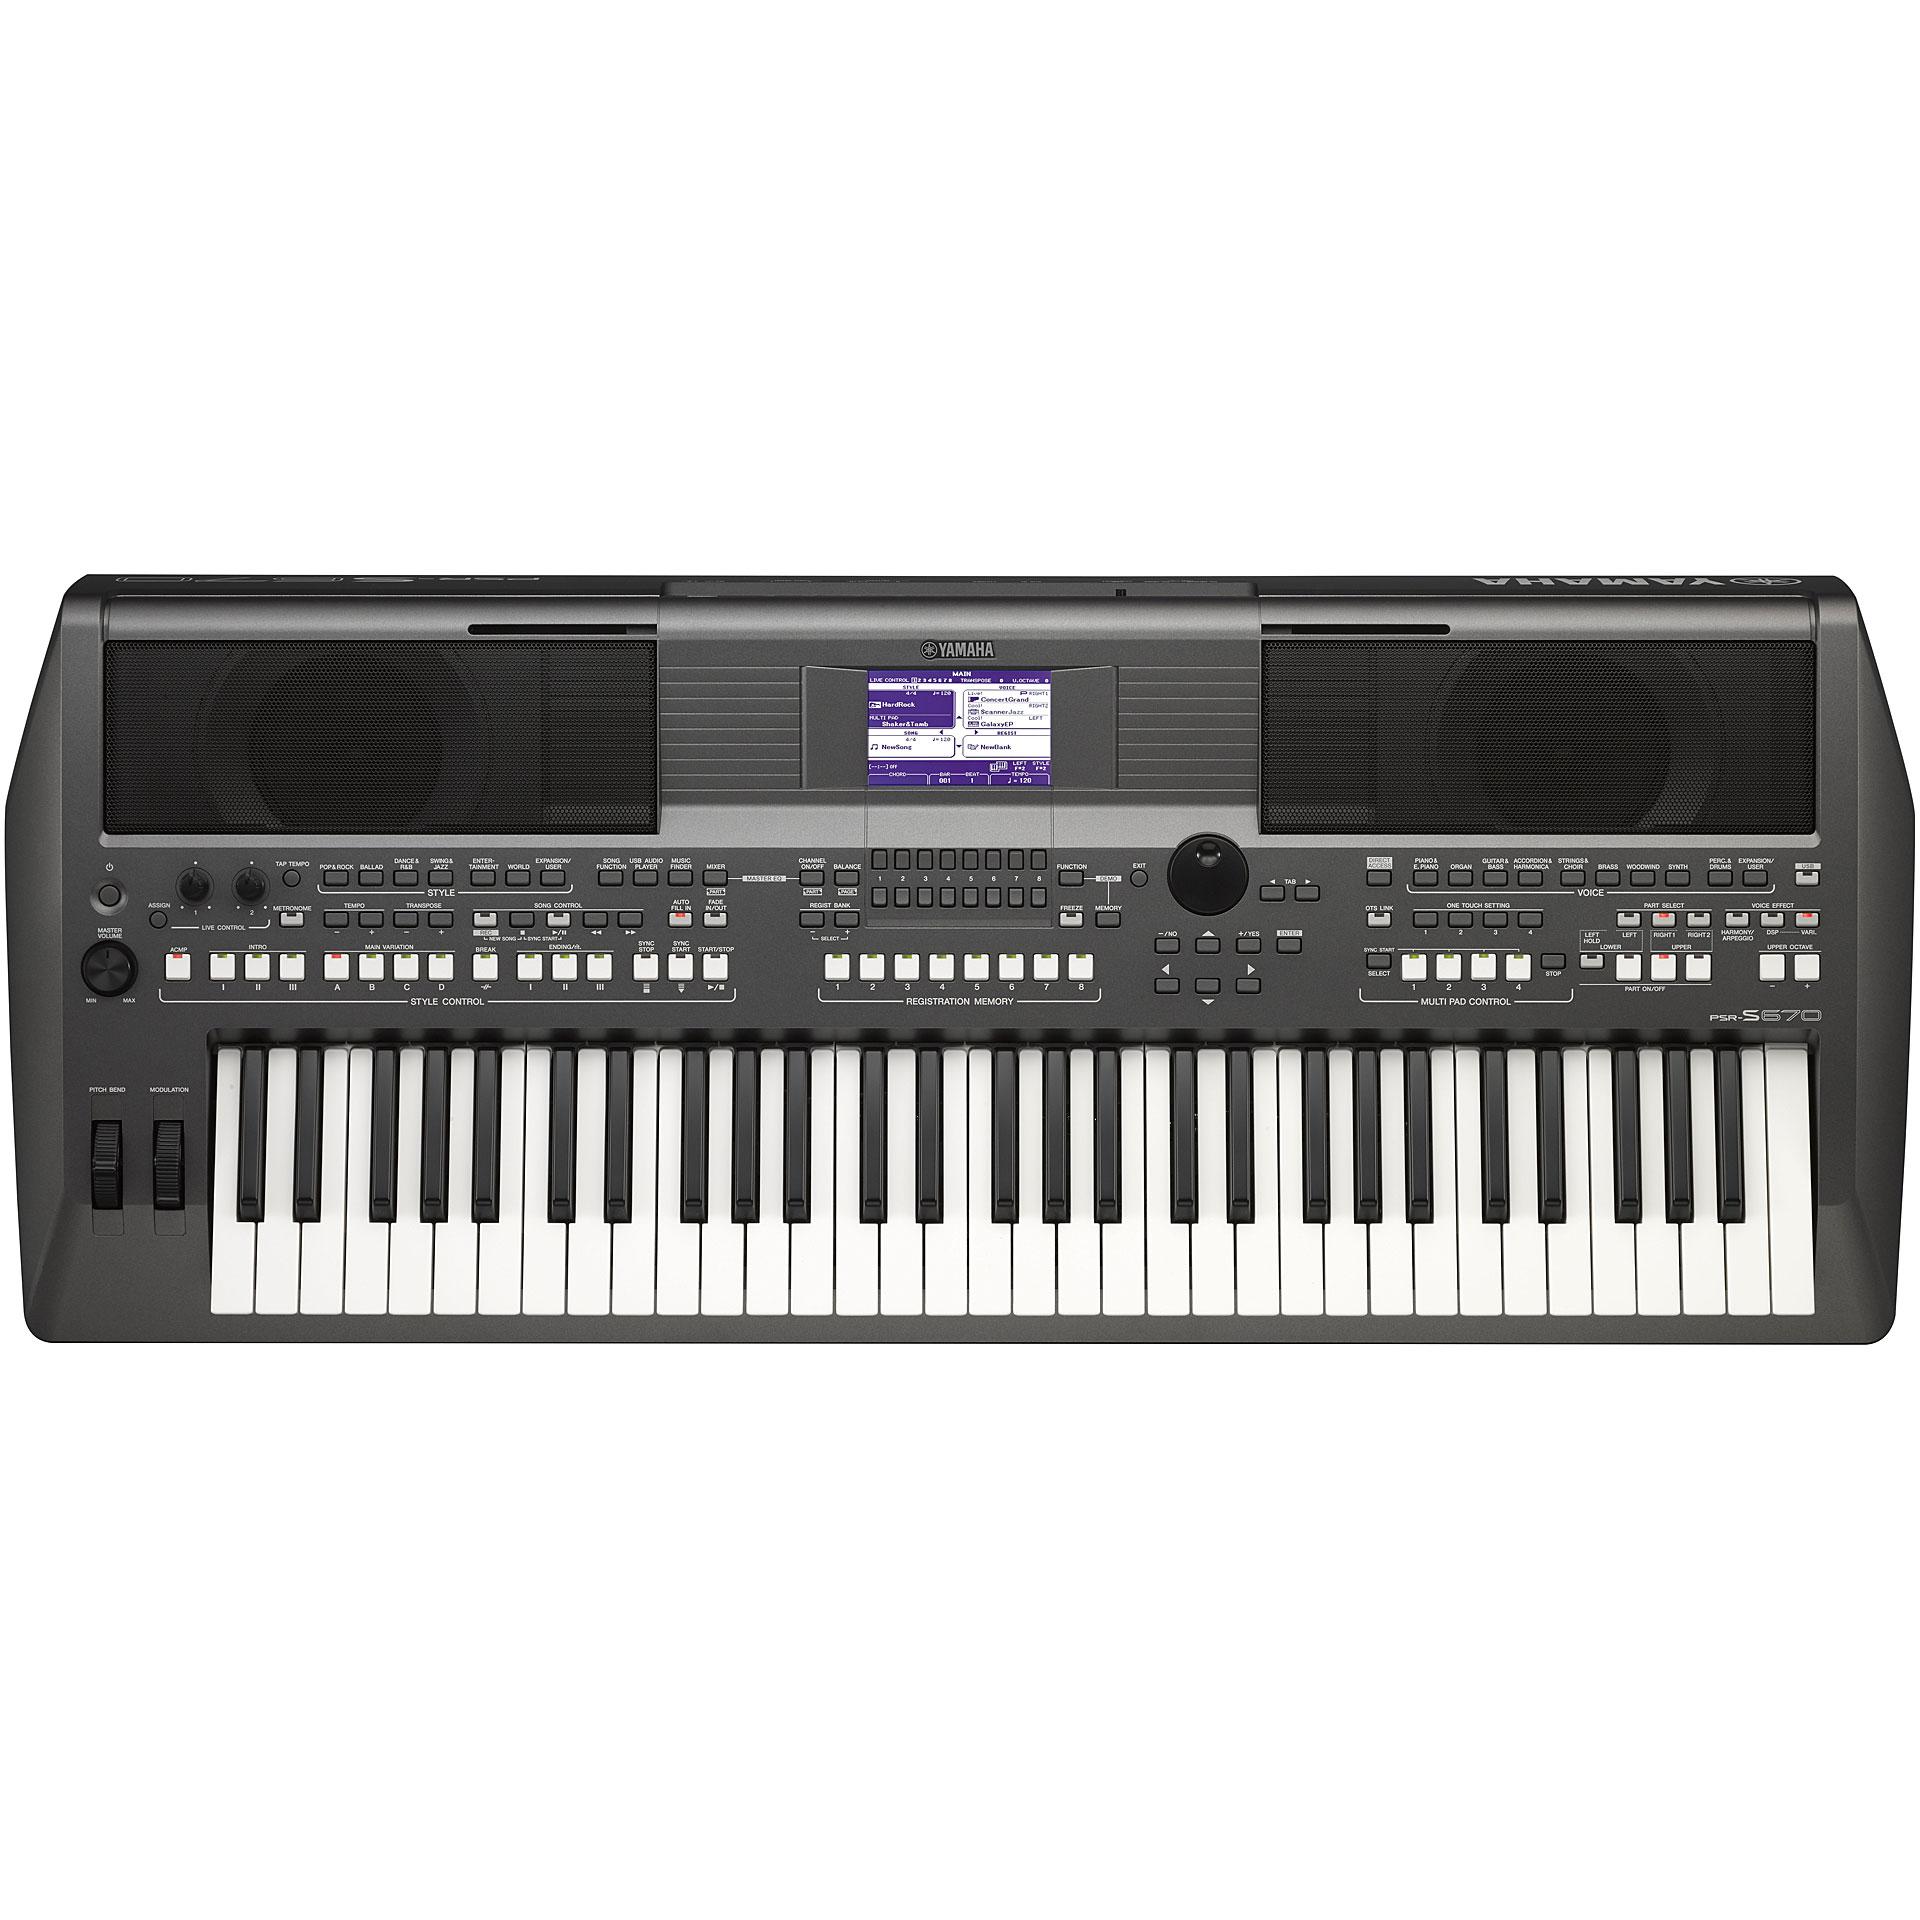 yamaha psr s670 keyboard. Black Bedroom Furniture Sets. Home Design Ideas